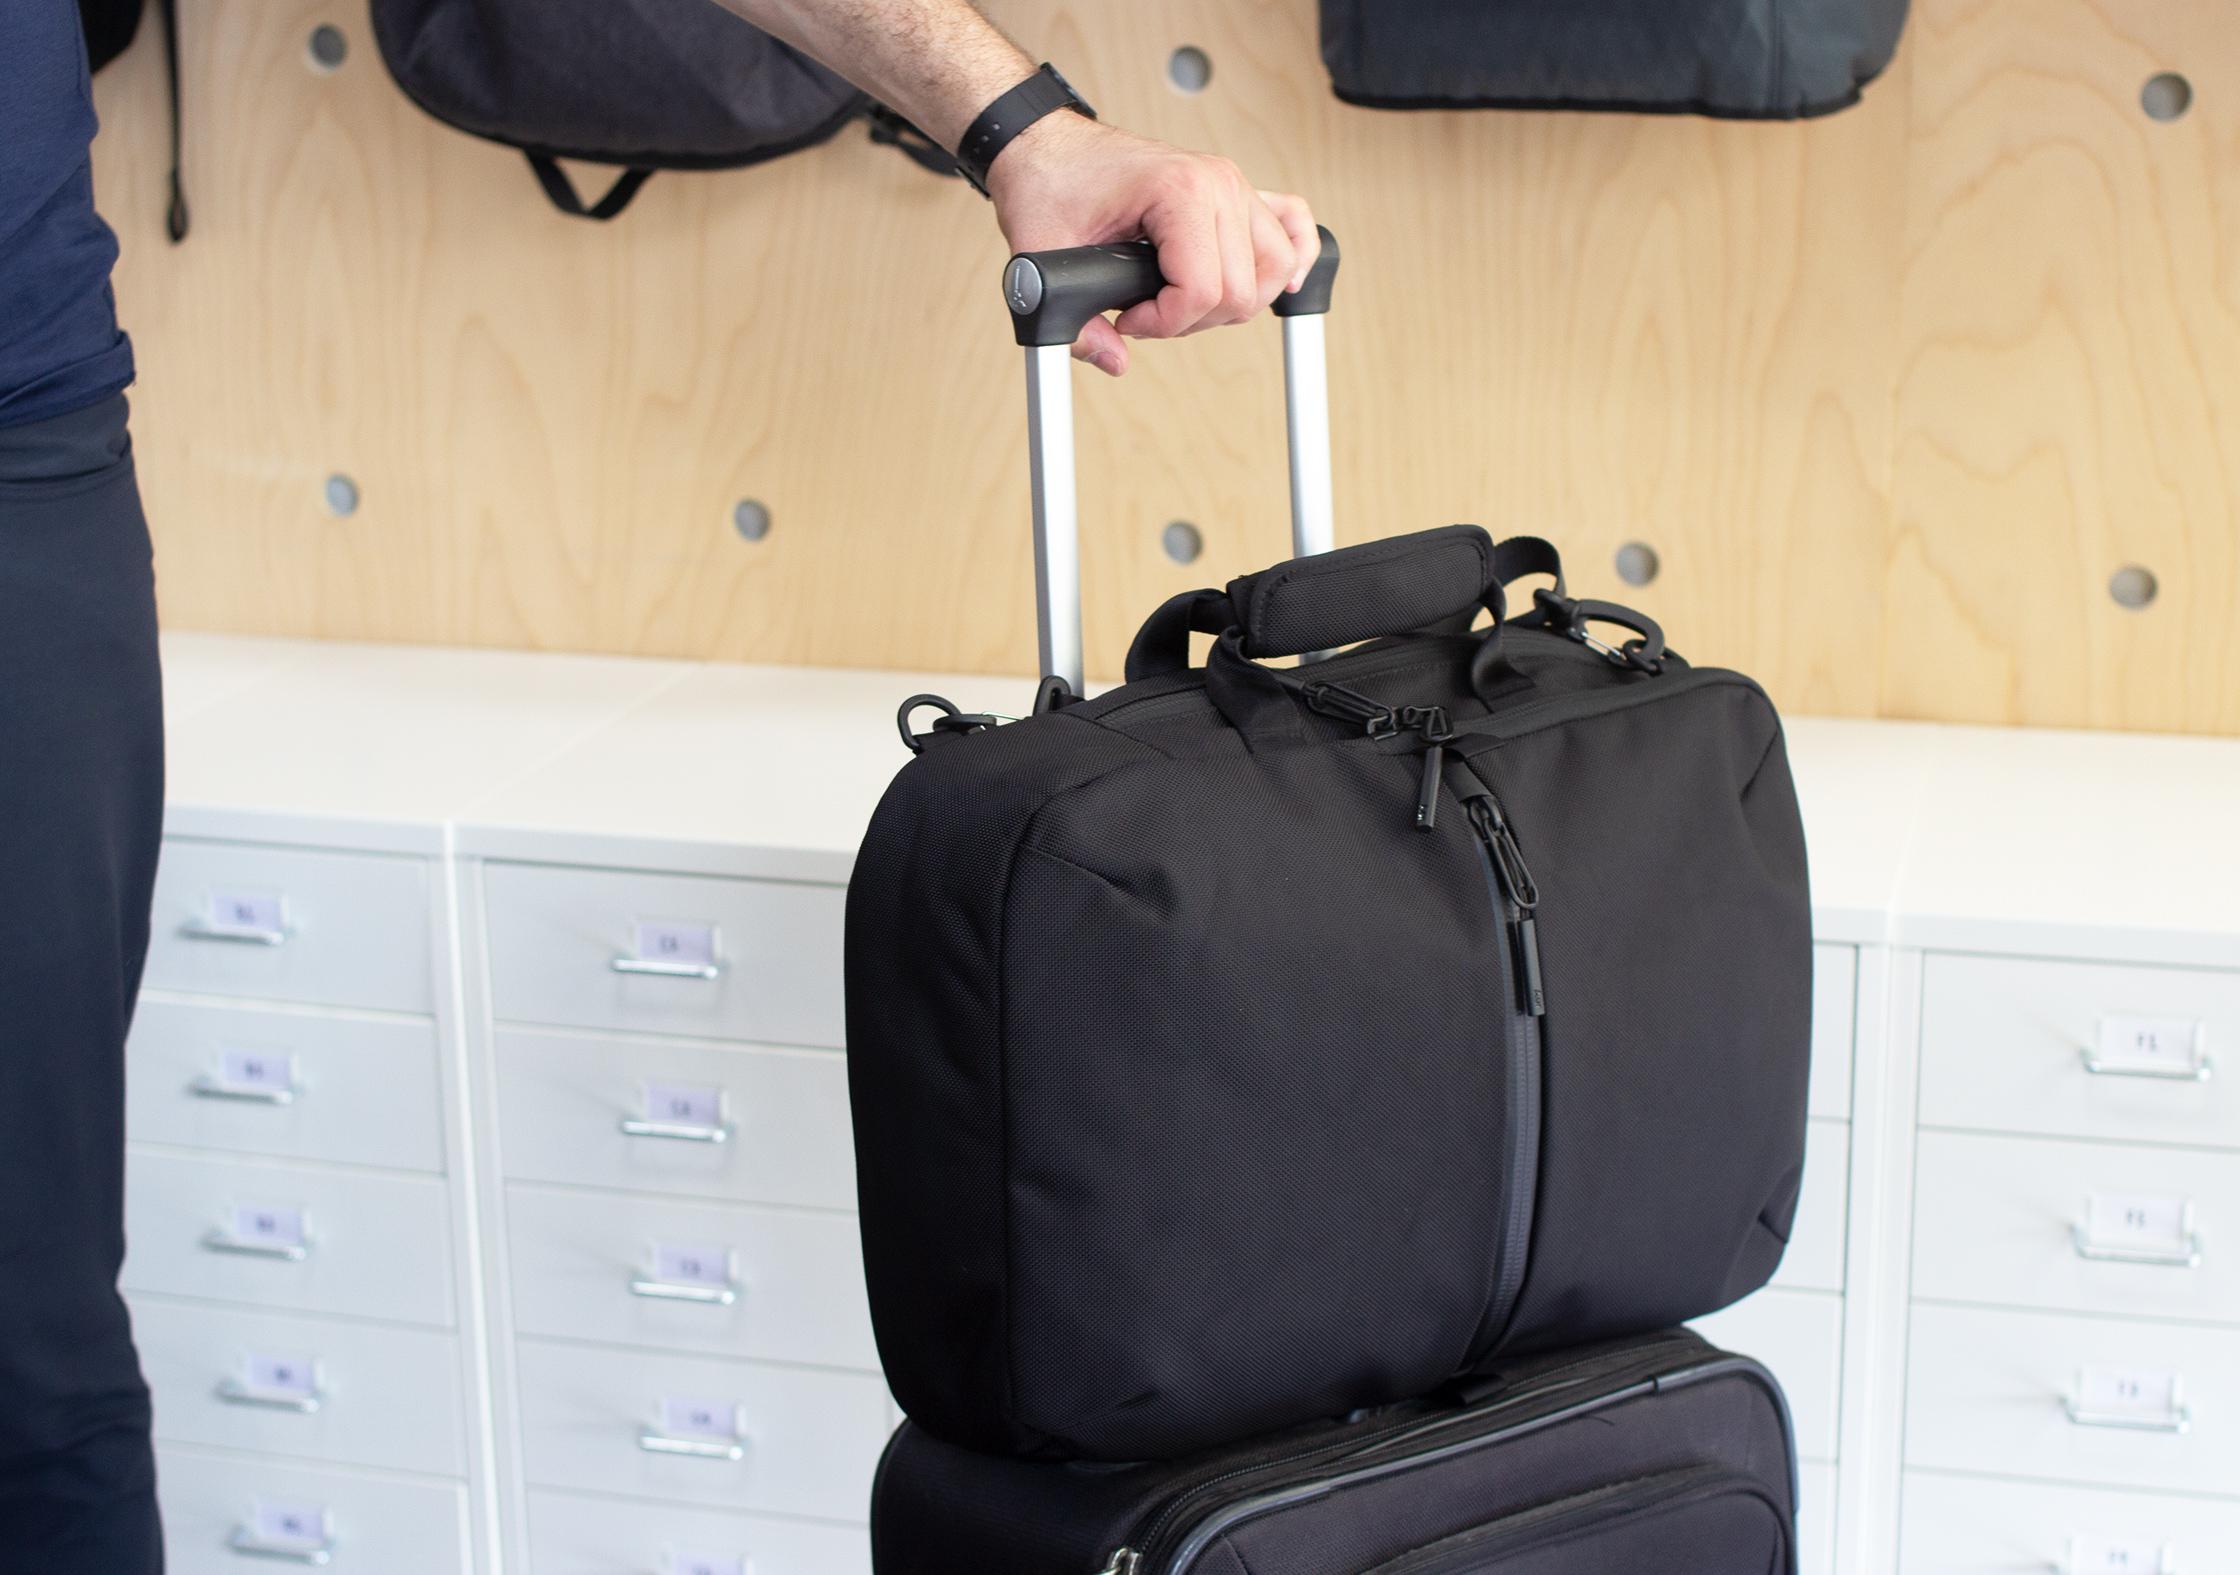 Aer Flight Pack 2 On Luggage